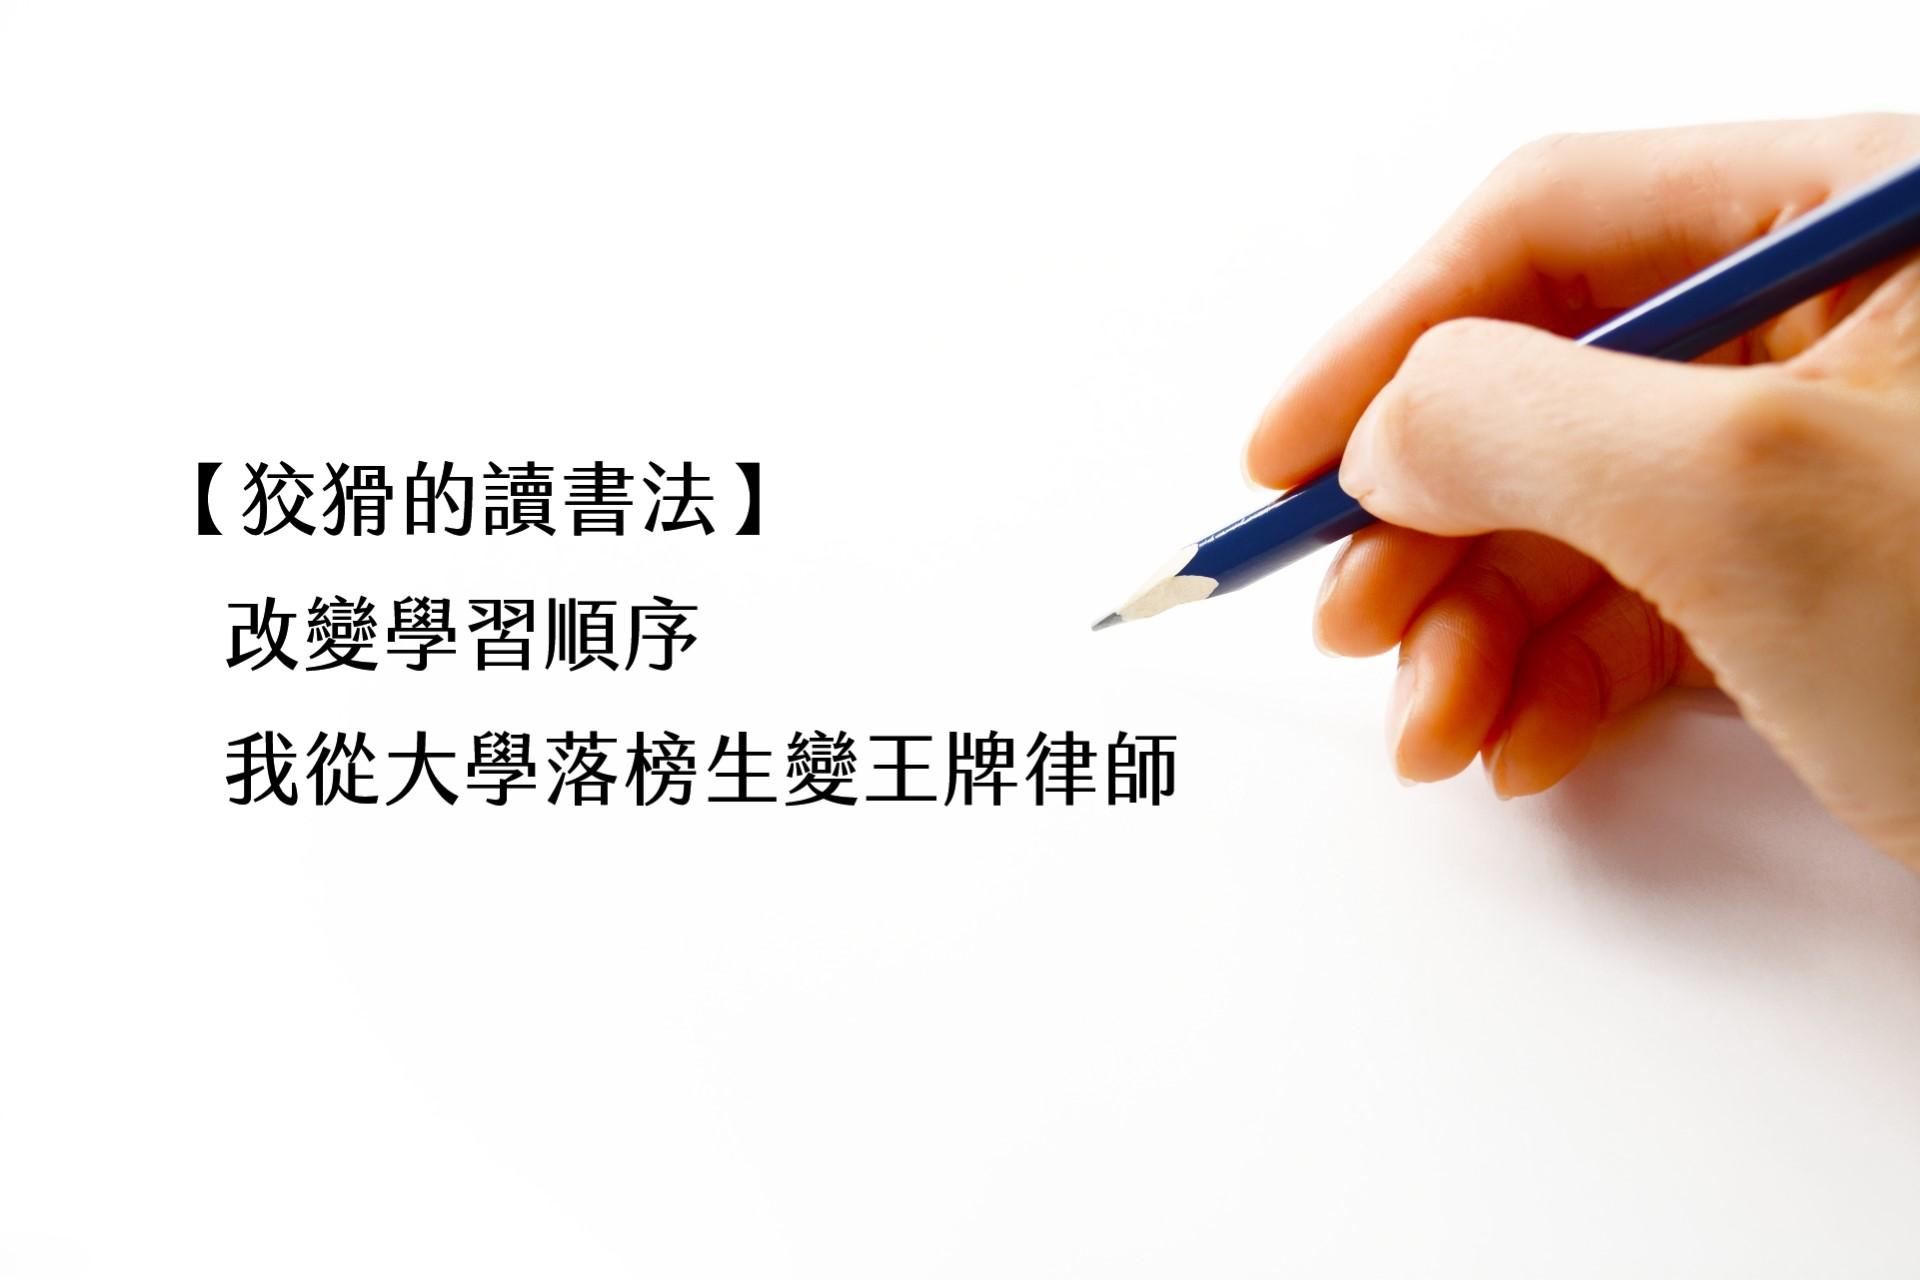 【嘉鴻筆記】狡猾的讀書法:改變學習順序,我從大學落榜生變王牌律師 4